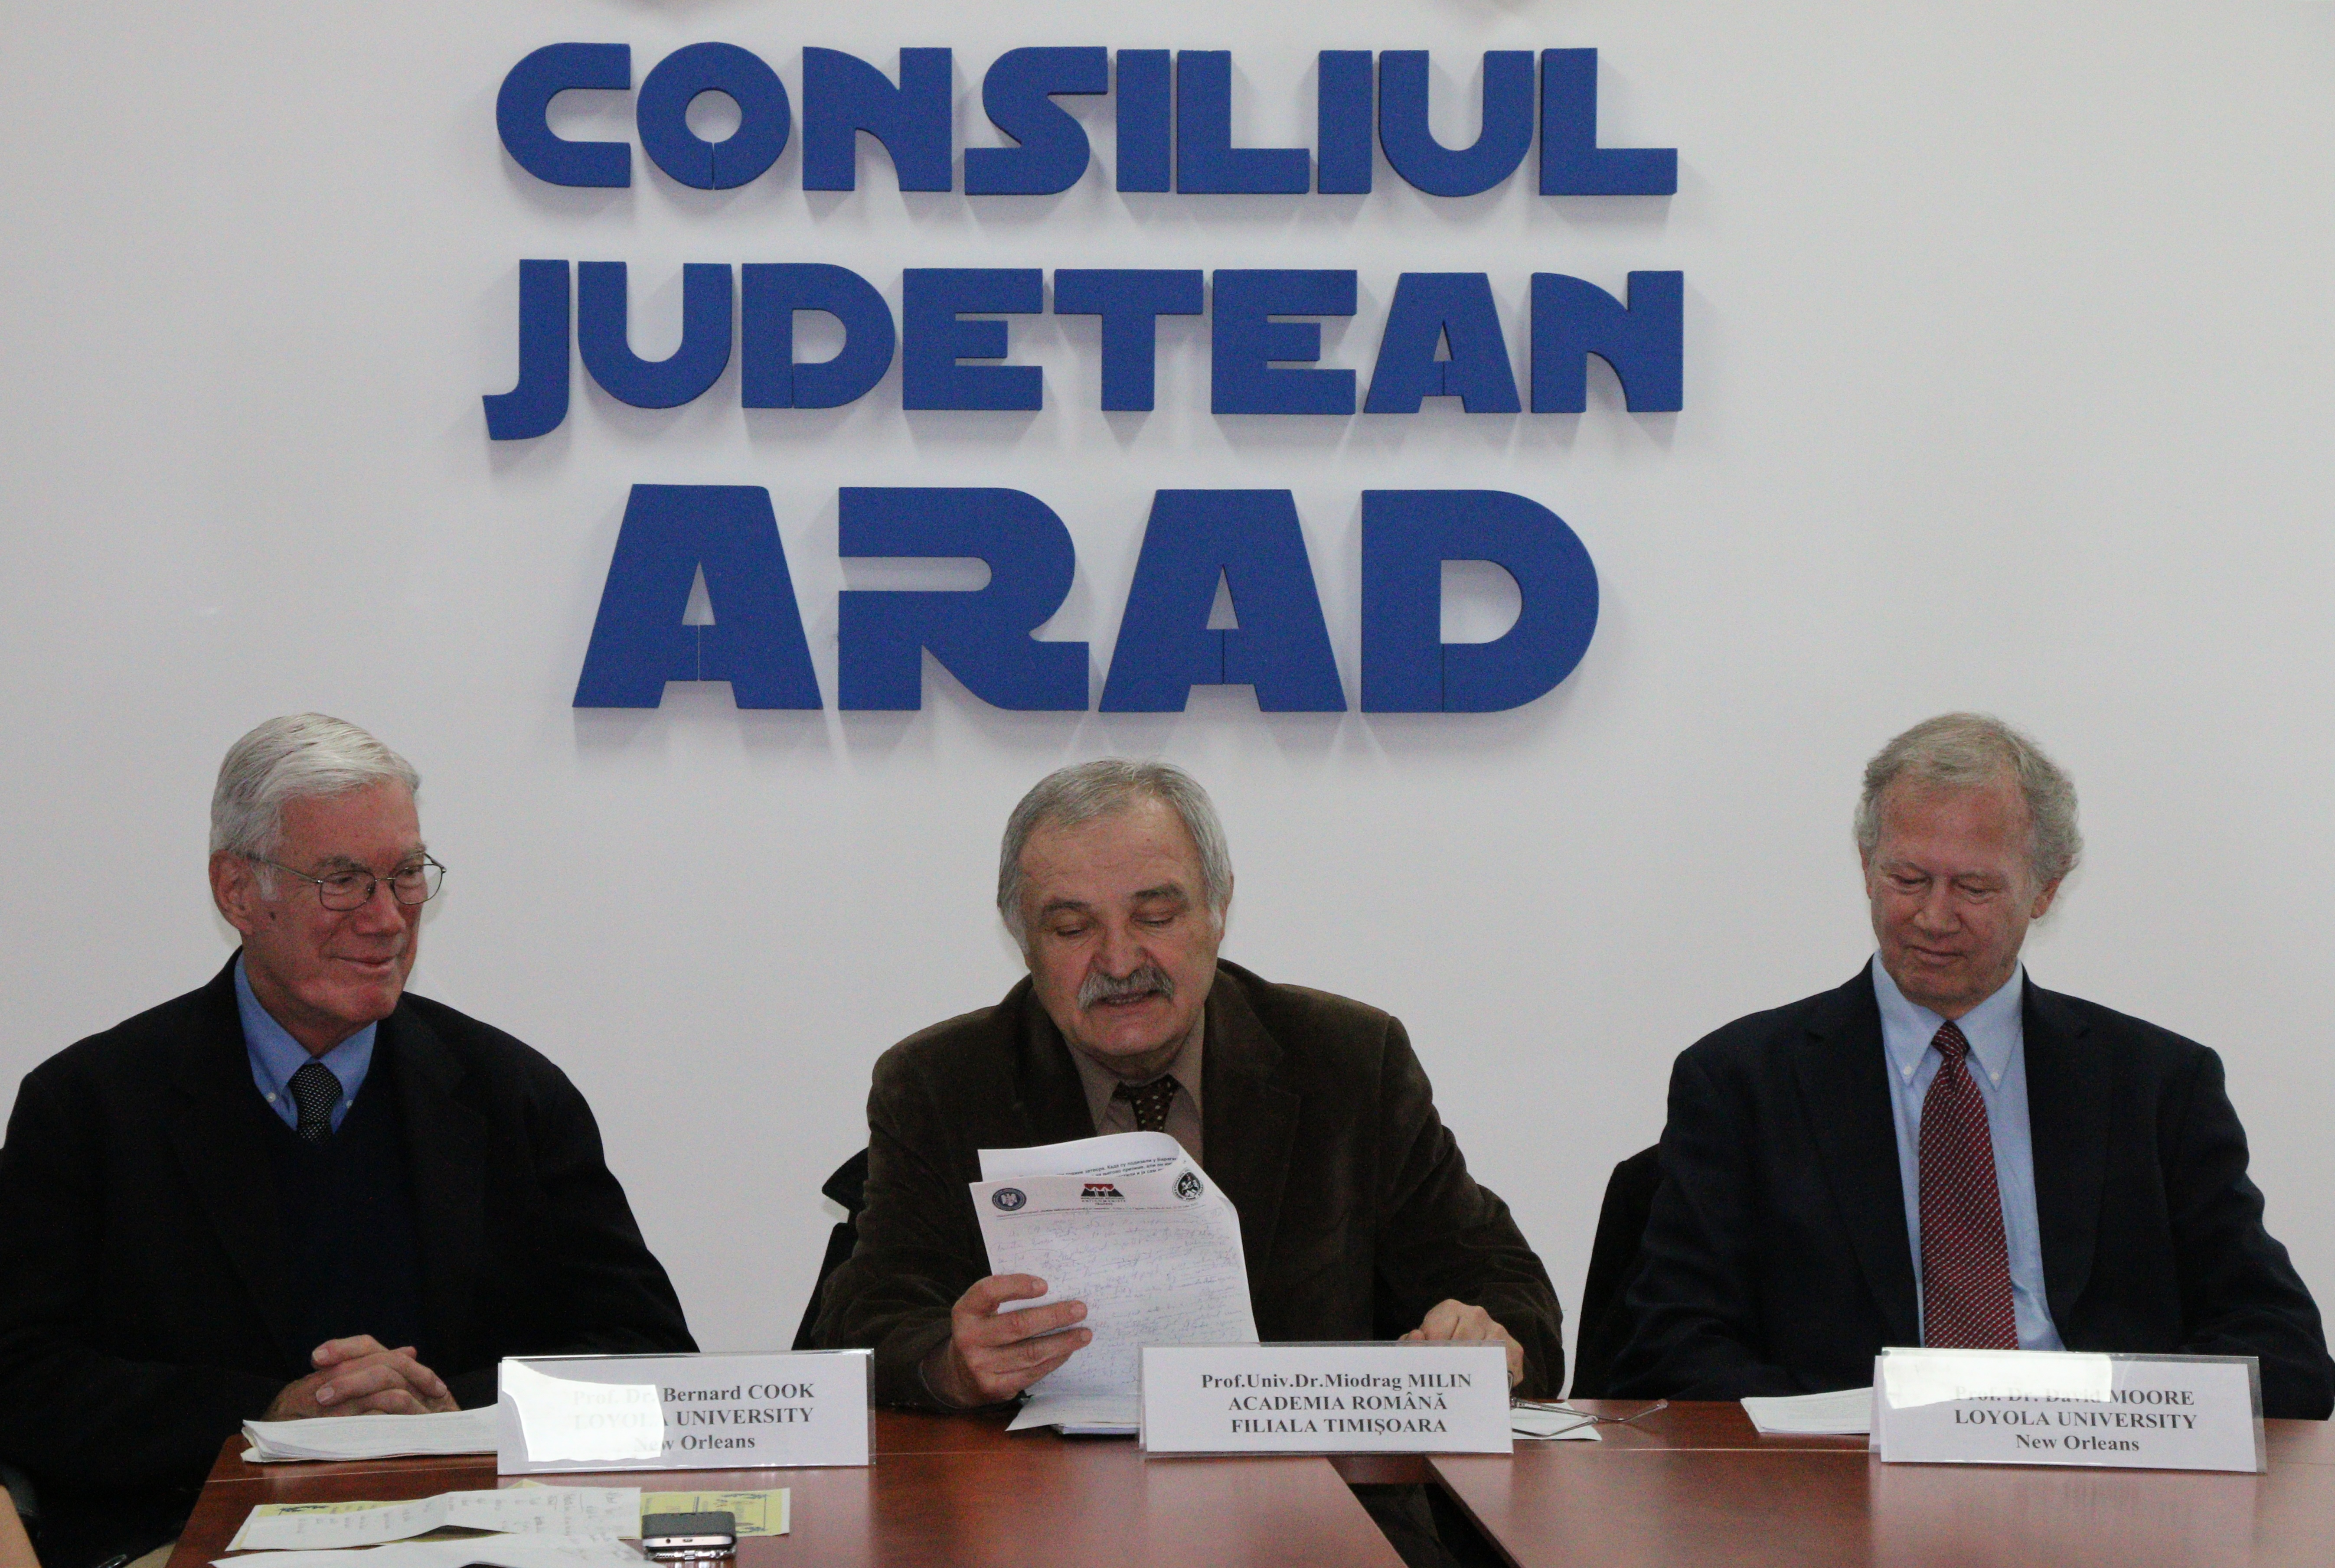 Doi profesori universitari americani despre contextul politic al Marii Uniri, la Consiliul Judeţean Arad